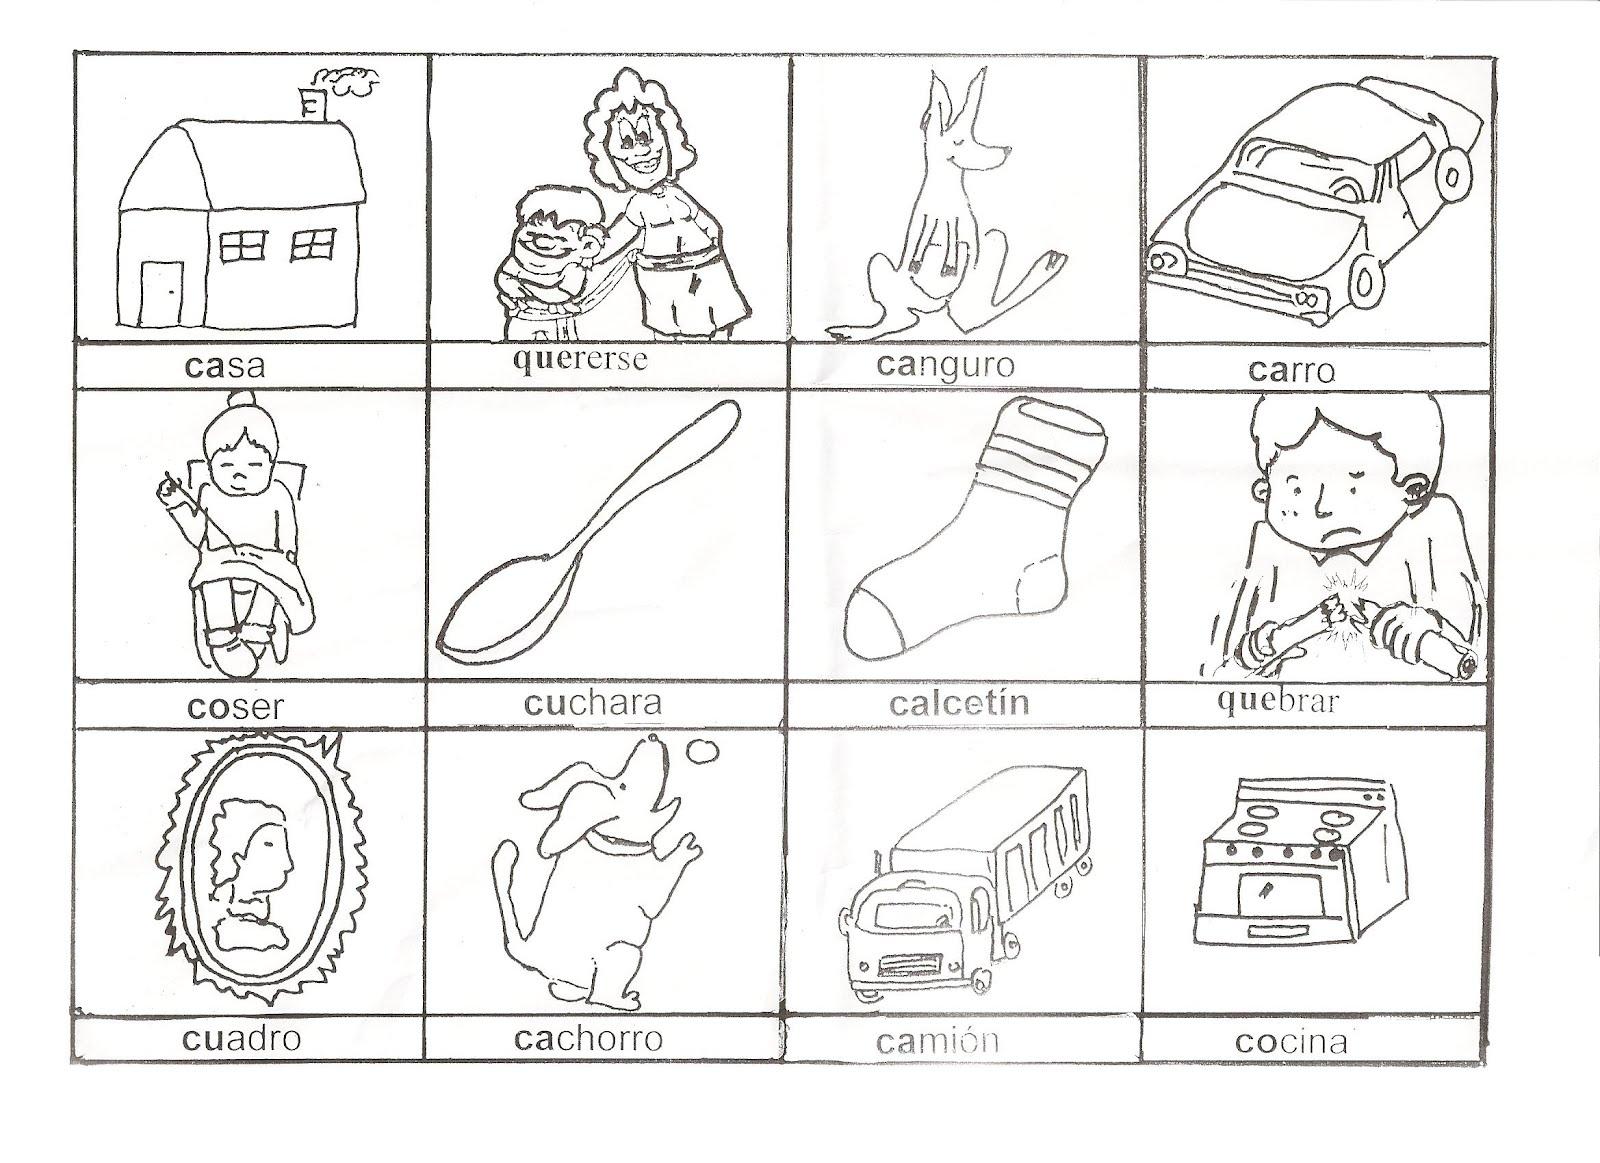 Famous Laminas Con Dibujos Para Aprender Palabras Y